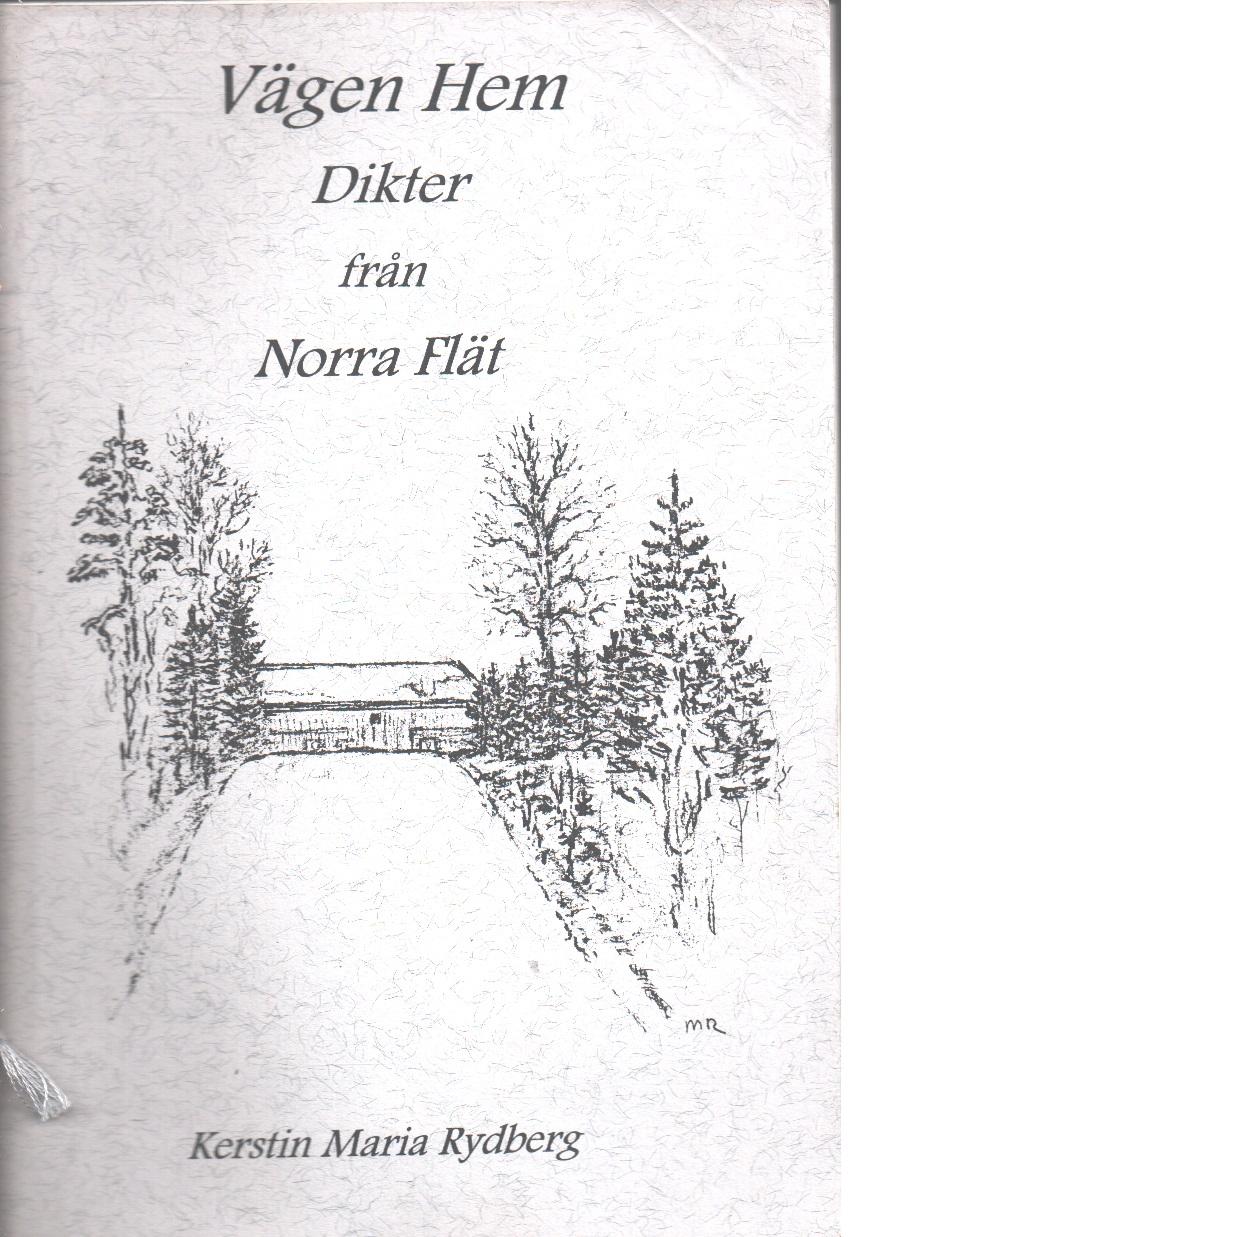 Vägen hem  : Dikter från Norra Flät - Rydberg, Kerstin Maria